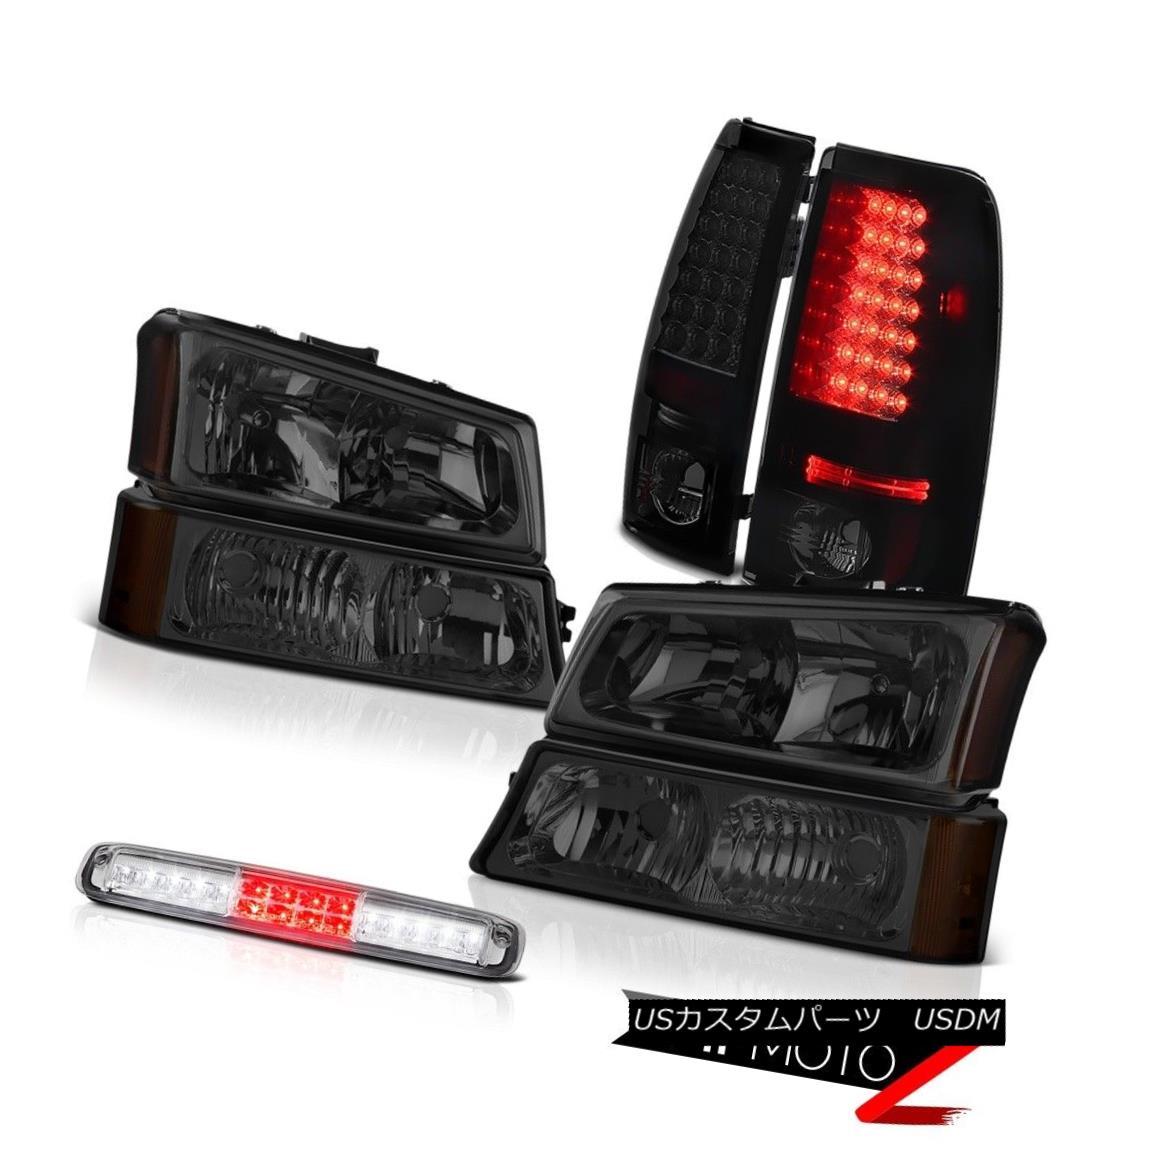 テールライト 2003-2006 Silverado 3500Hd Headlamps High Stop Light Dark Tinted Taillights SMD 2003-2006シルバラード3500HdヘッドライトハイストップライトダークティンテッドティアライトSMD